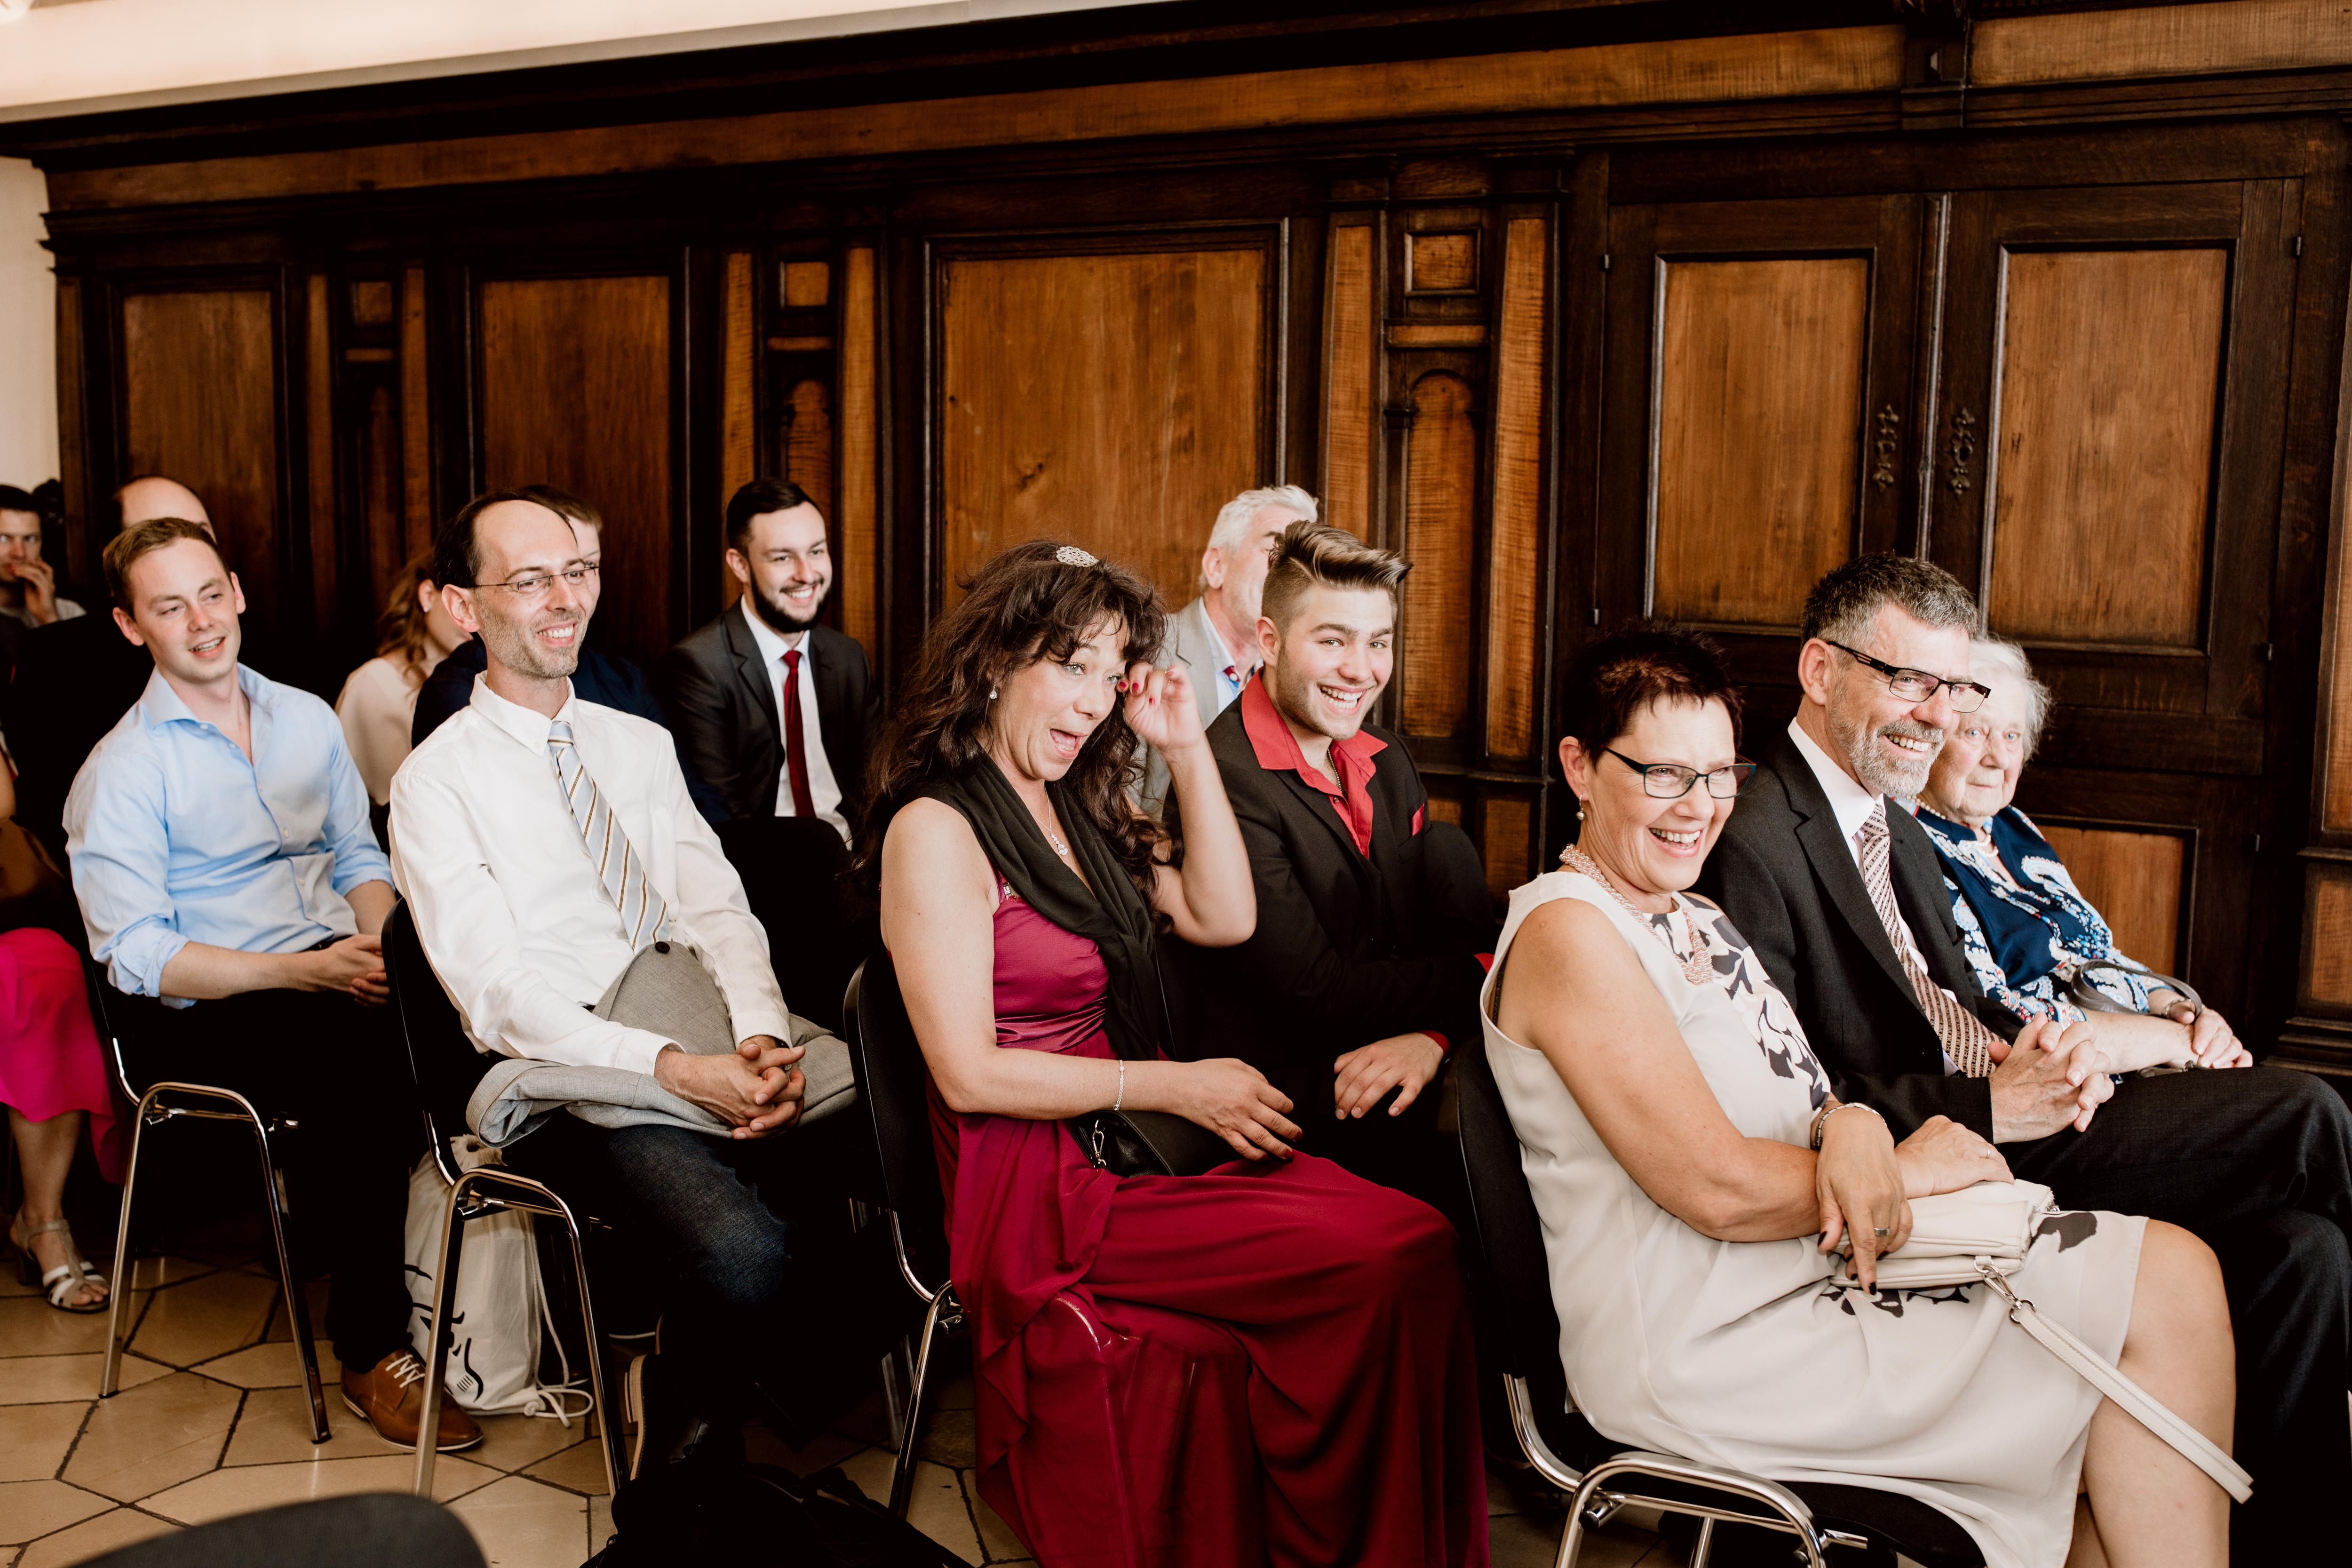 URBANERIE_Hochzeitsfotografin_Nürnberg_Fürth_Erlangen_Schwabach_170630_0214